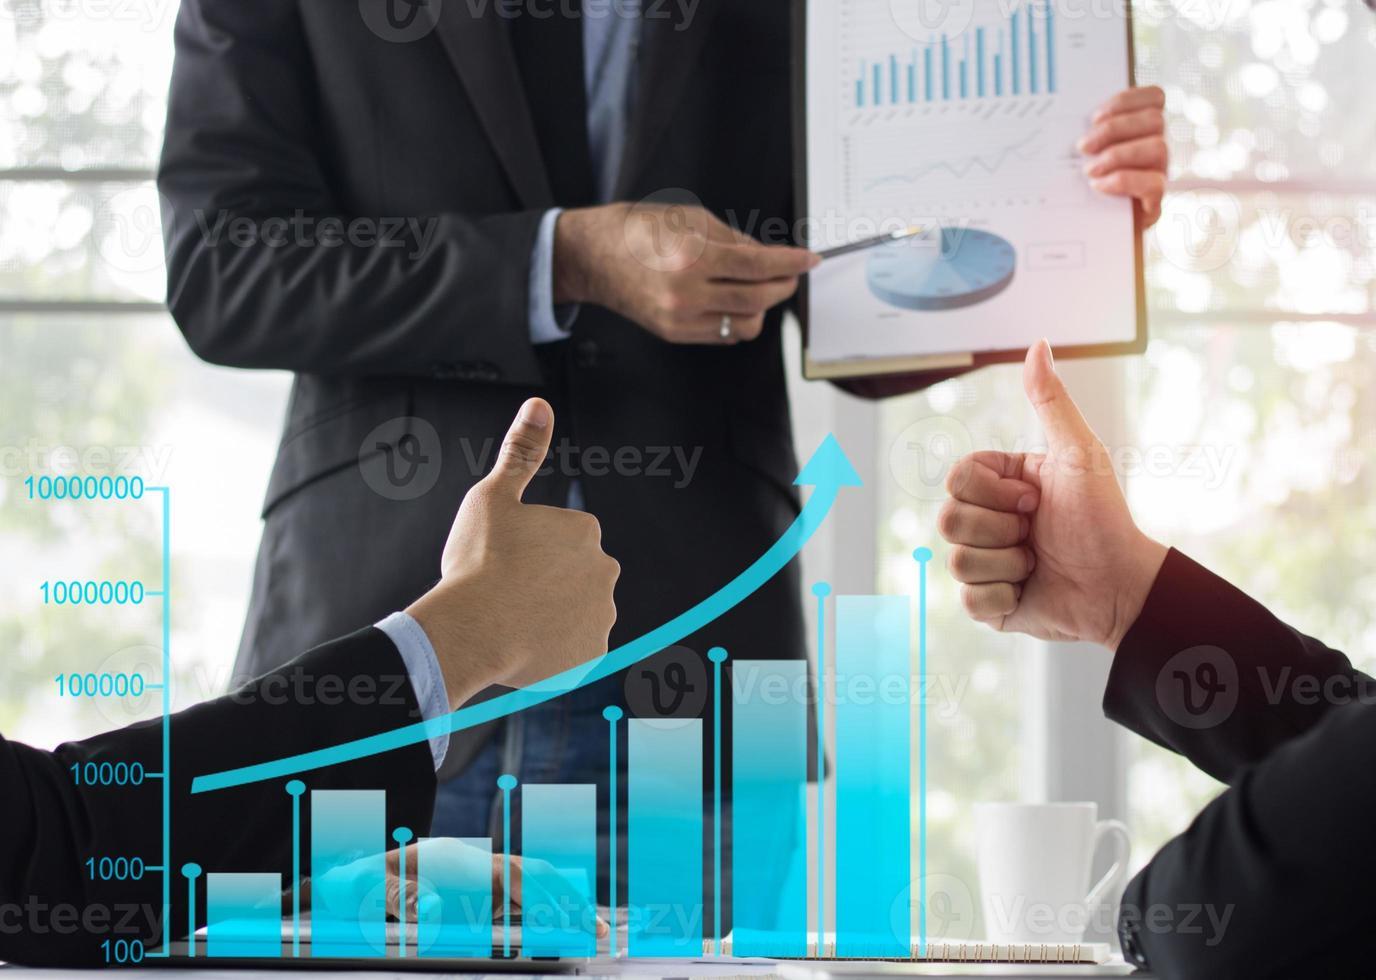 zakelijke bijeenkomst grafieken bespreken met duimen omhoog foto